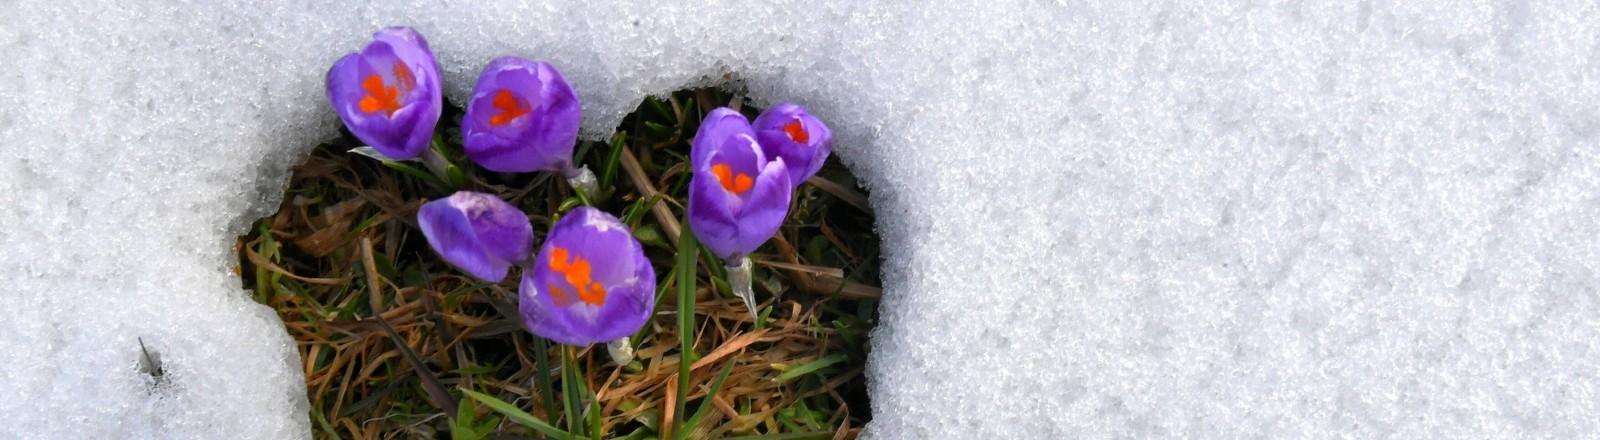 Leuchtend lilafarbene Krokusse, umgeben von eine dünnen Schneedecke.